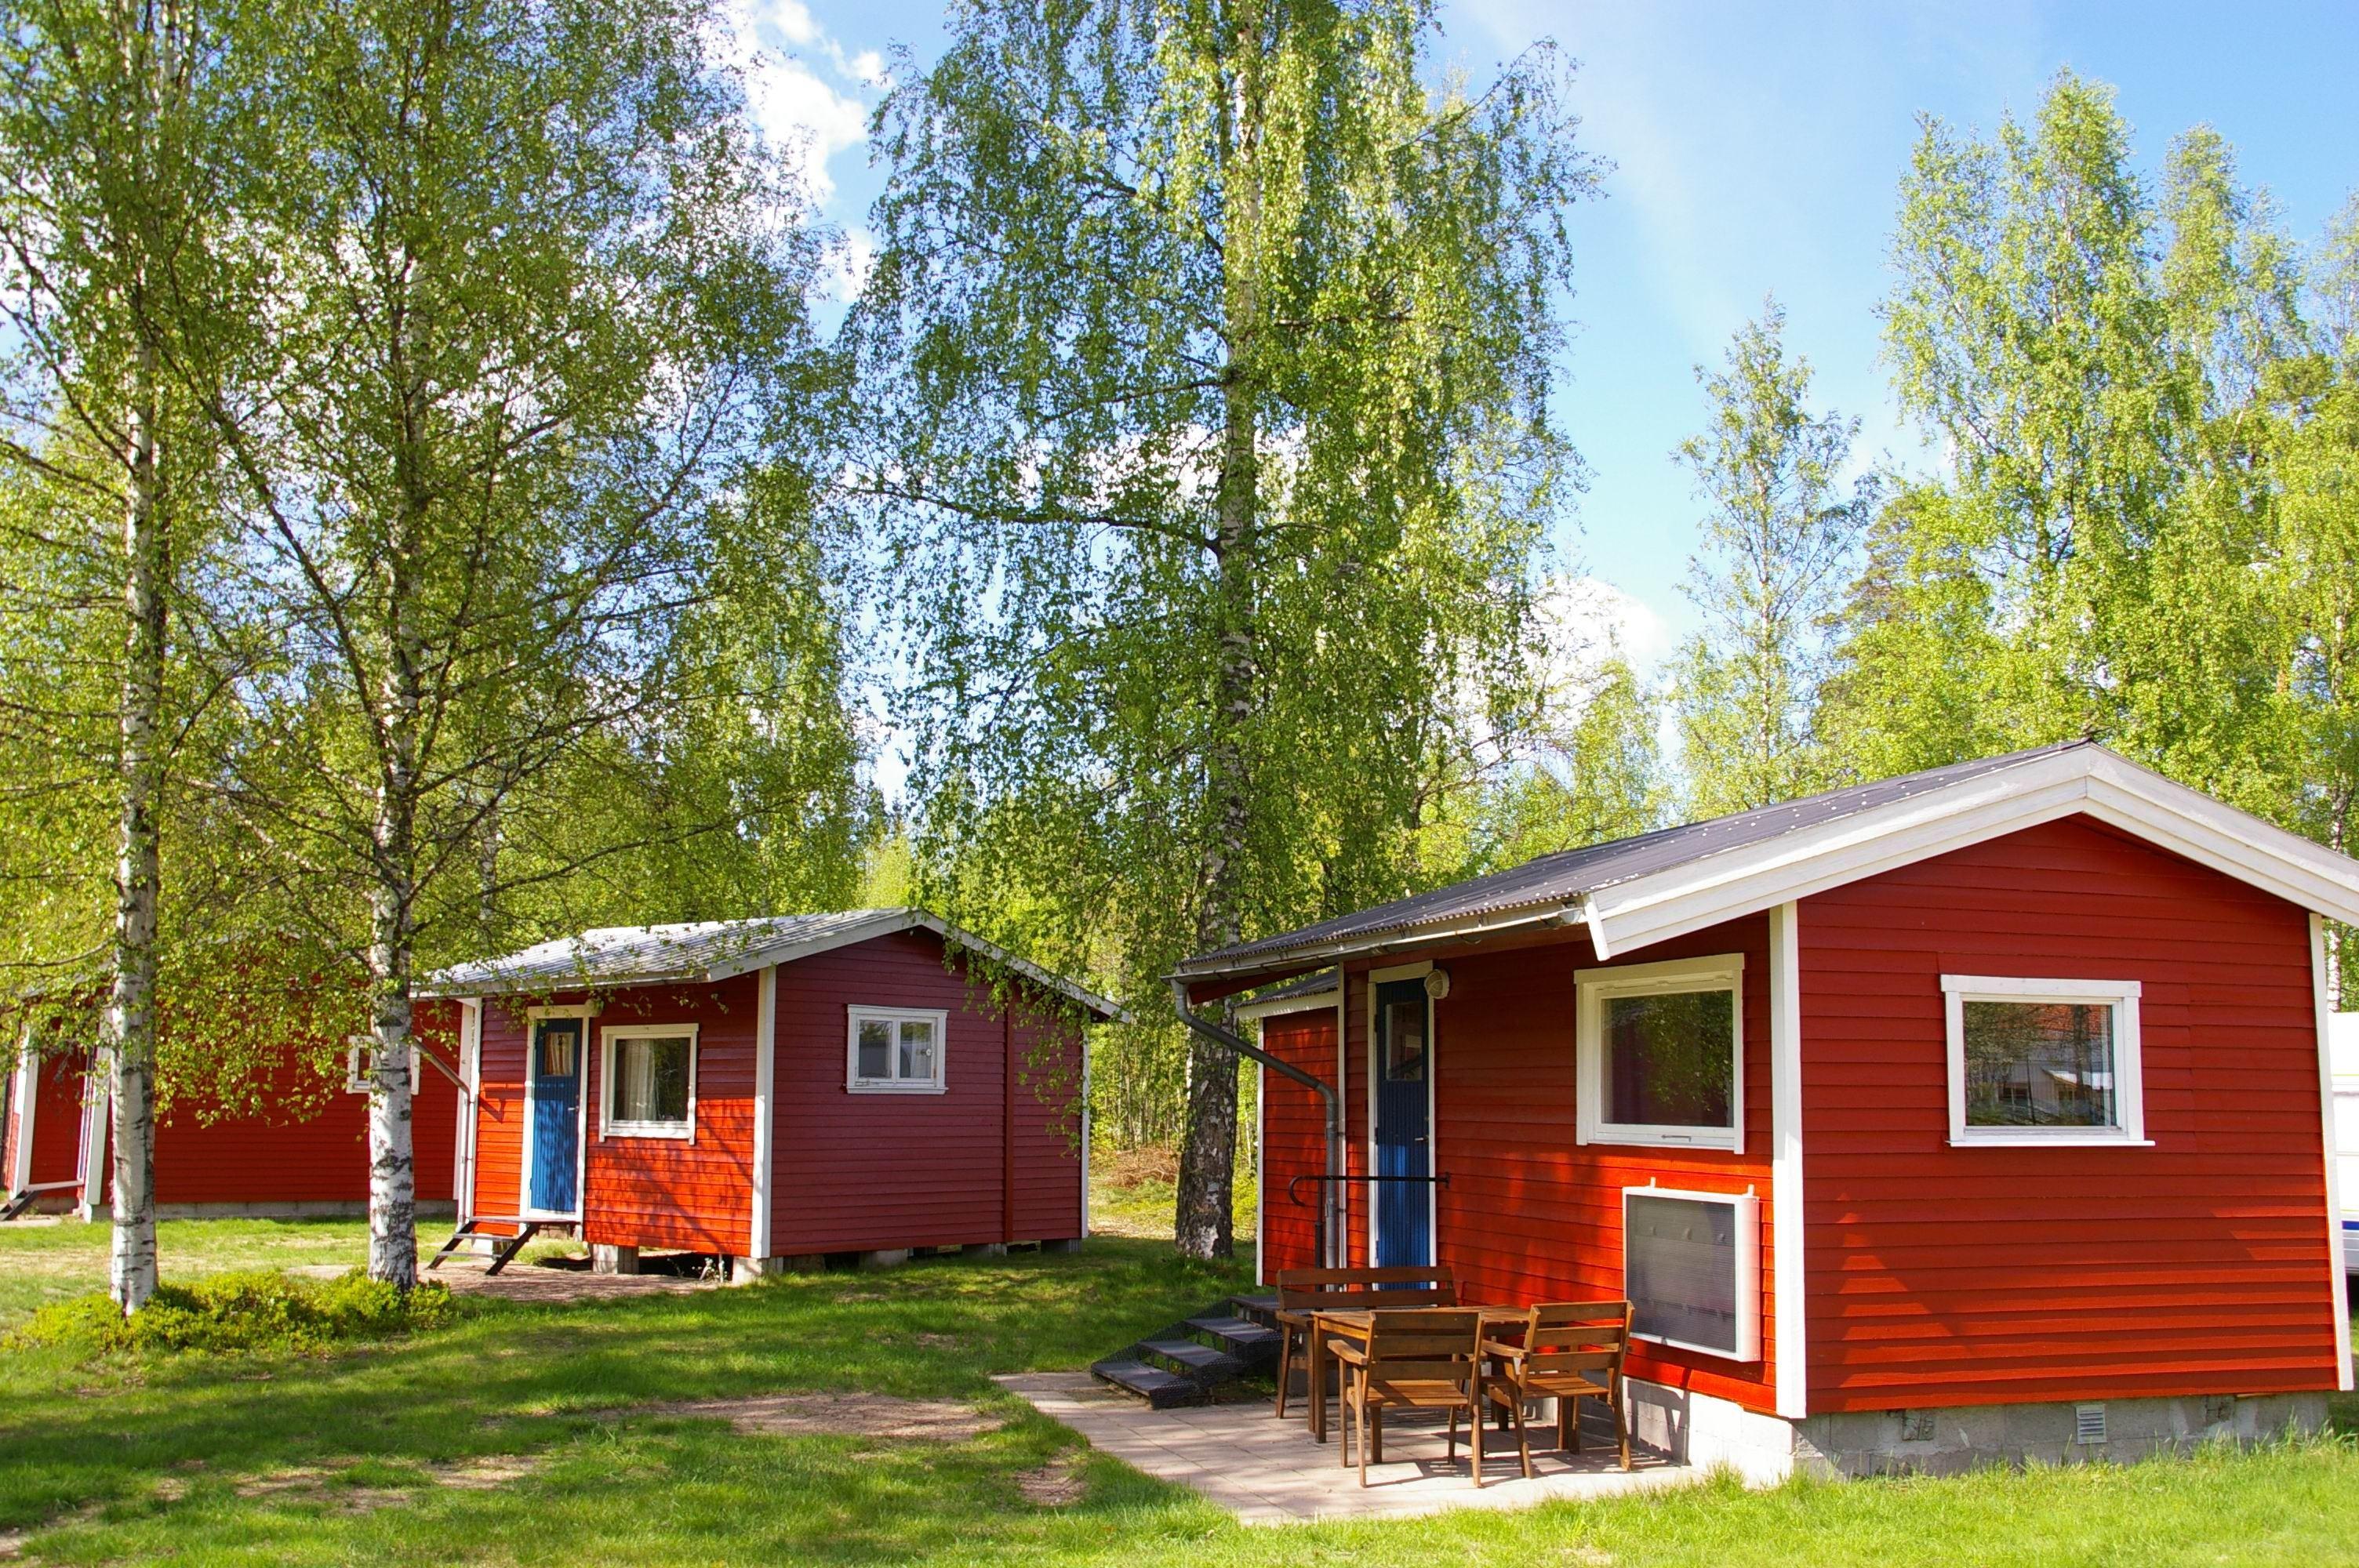 Camping 45/Ferienhäuser